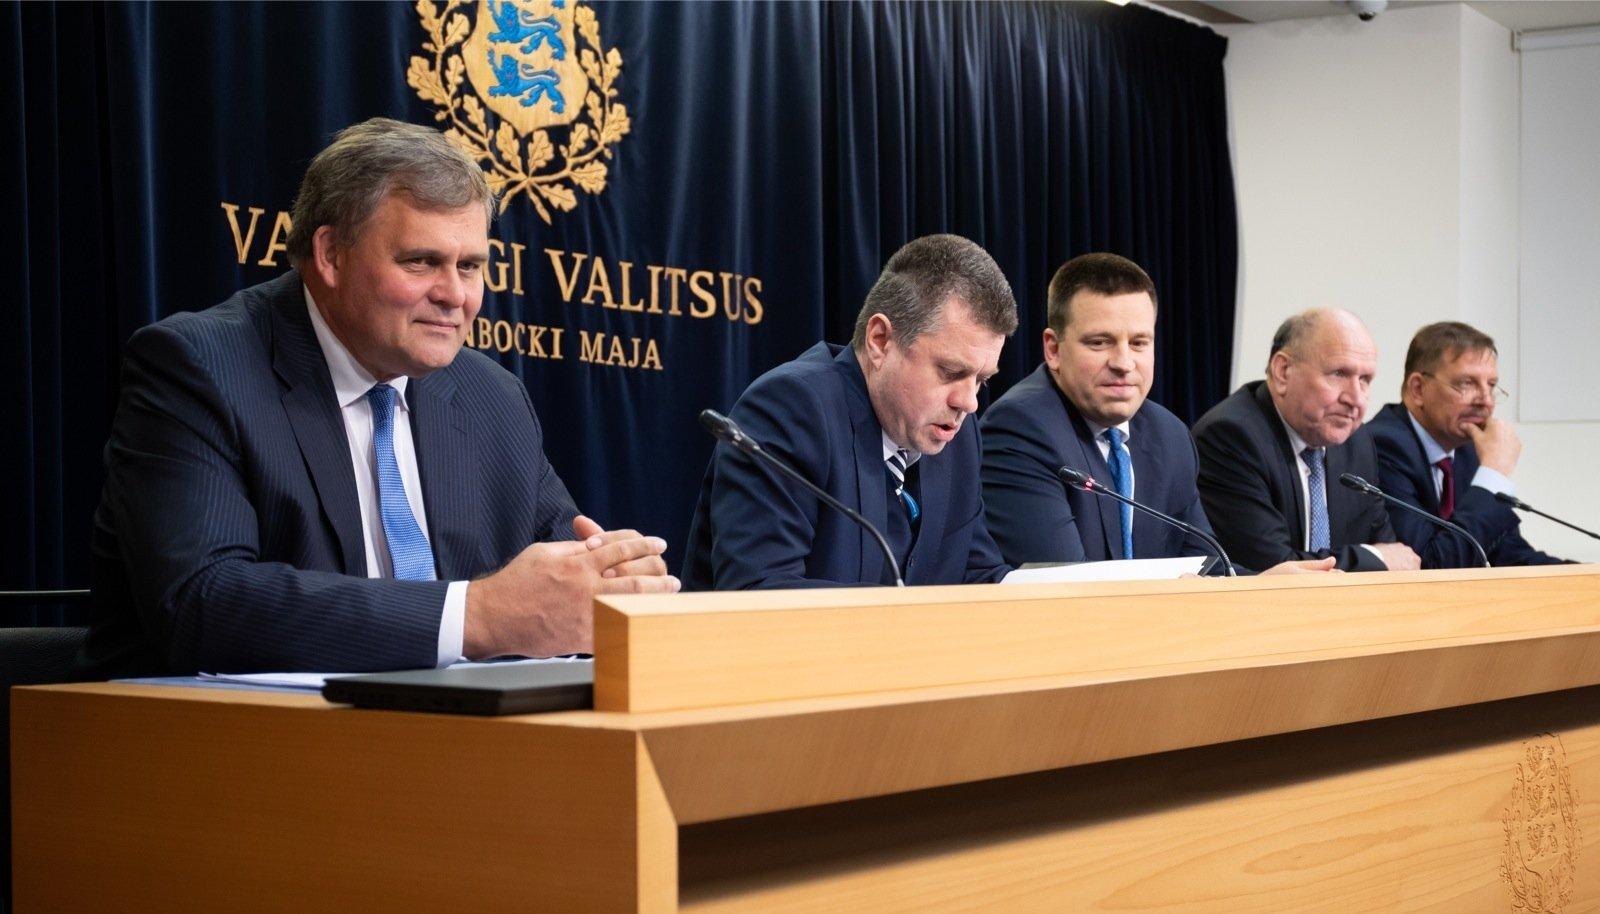 Vastasseis. Kui justiitsminister Raivo Aeg on väljendanud toetust praegusele peaprokurörile, siis siseminister Mart Helme ei vaevu oma vastumeelsust varjamagi.